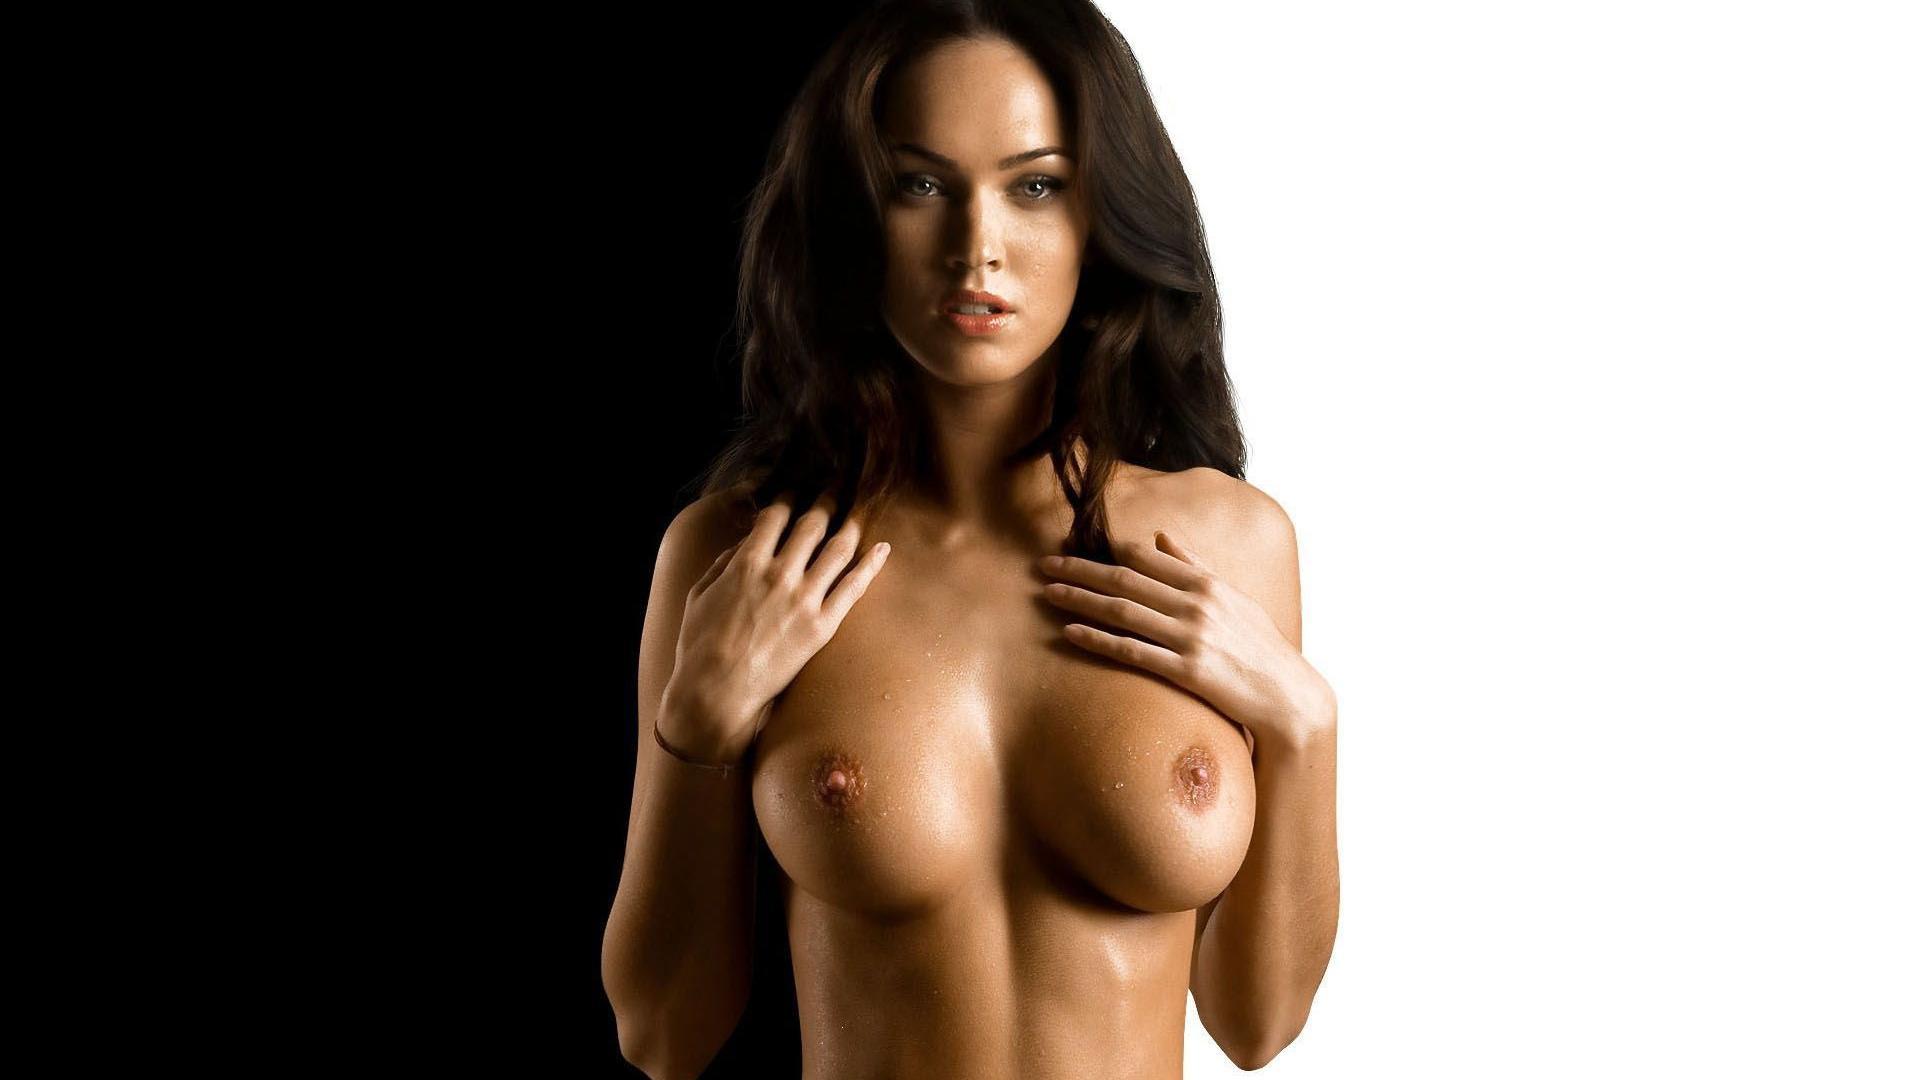 Naked foking wallpaper cartoon photos